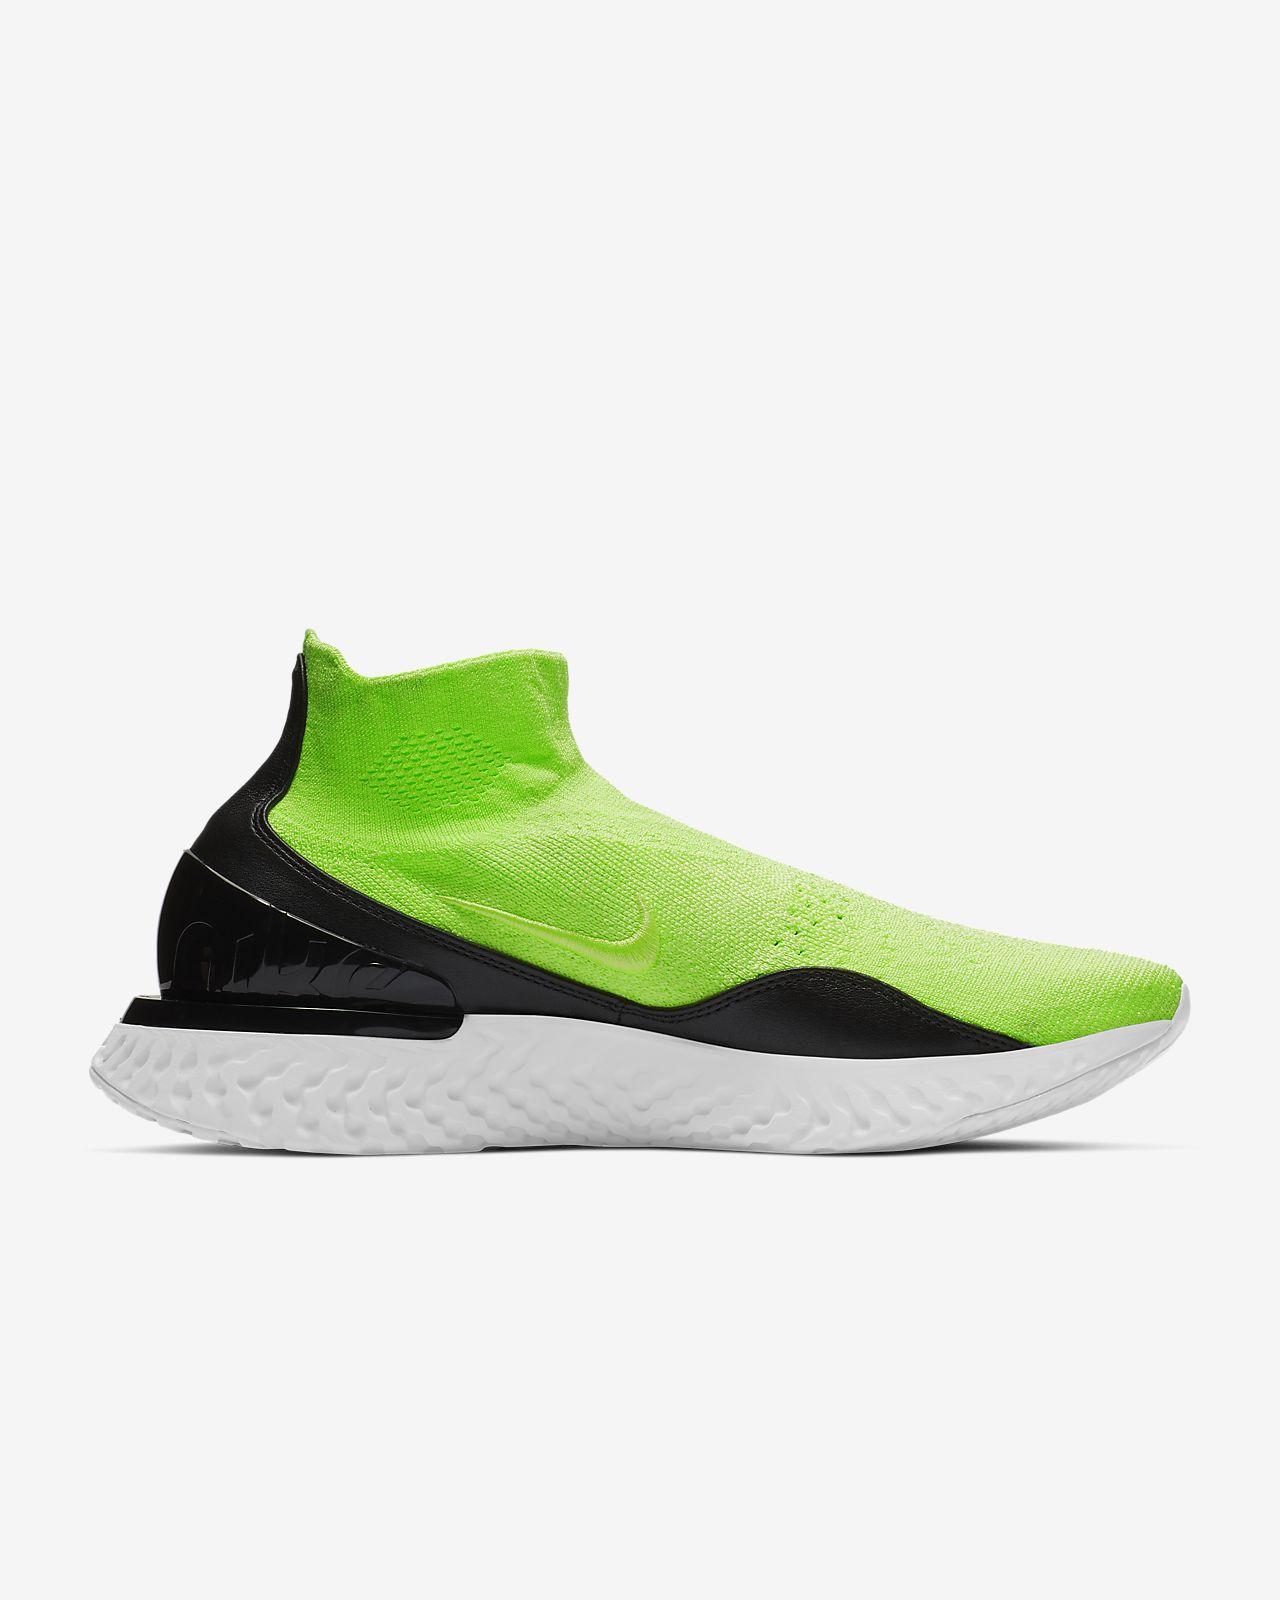 d6e8b77707a710 Nike Rise React Flyknit Running Shoe. Nike.com FI